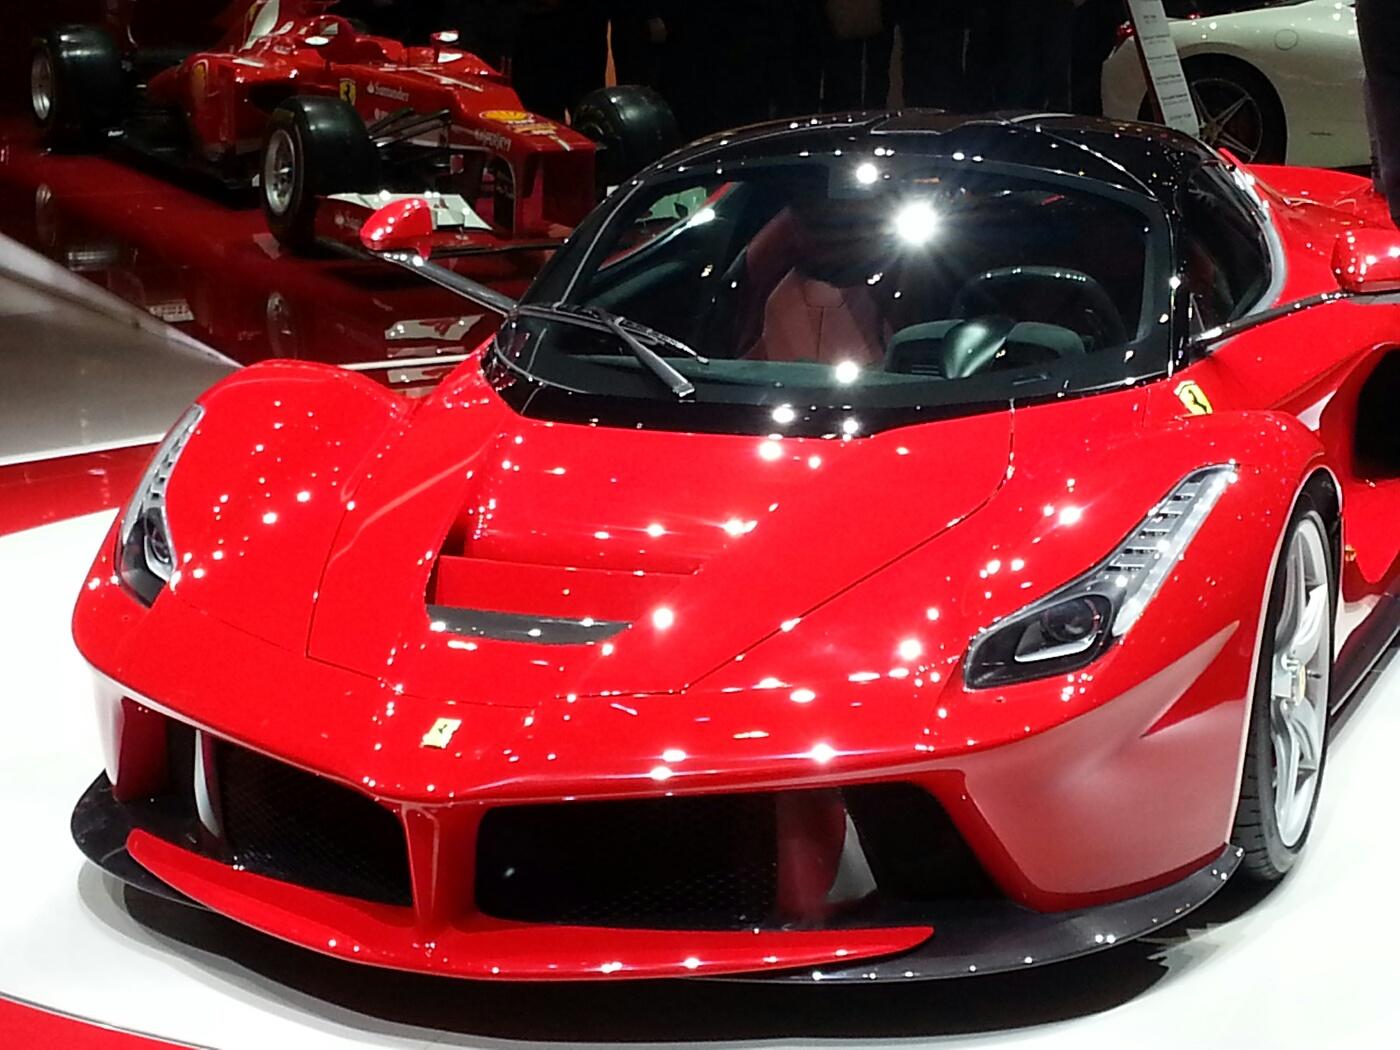 Latest La Ferrari Car Hd Widescreen Background Images All Ferrari Car New Model 1400x1050 Download Hd Wallpaper Wallpapertip